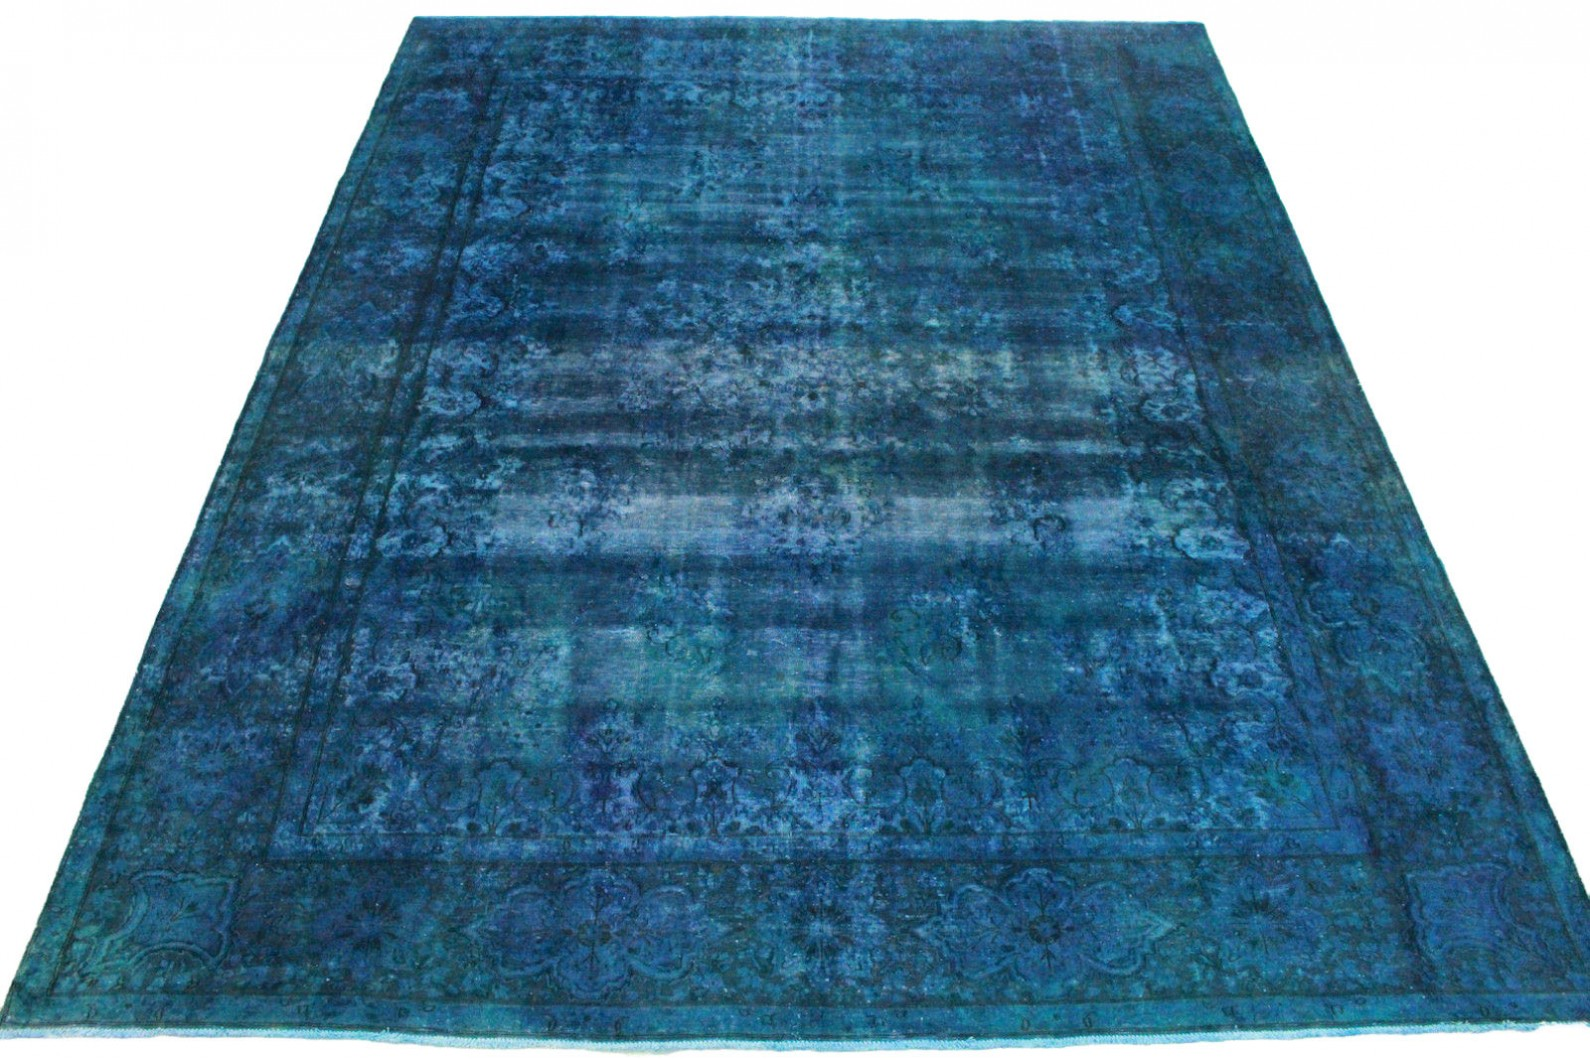 vintage teppich blau in 400x300cm 1001 3322 bei kaufen. Black Bedroom Furniture Sets. Home Design Ideas